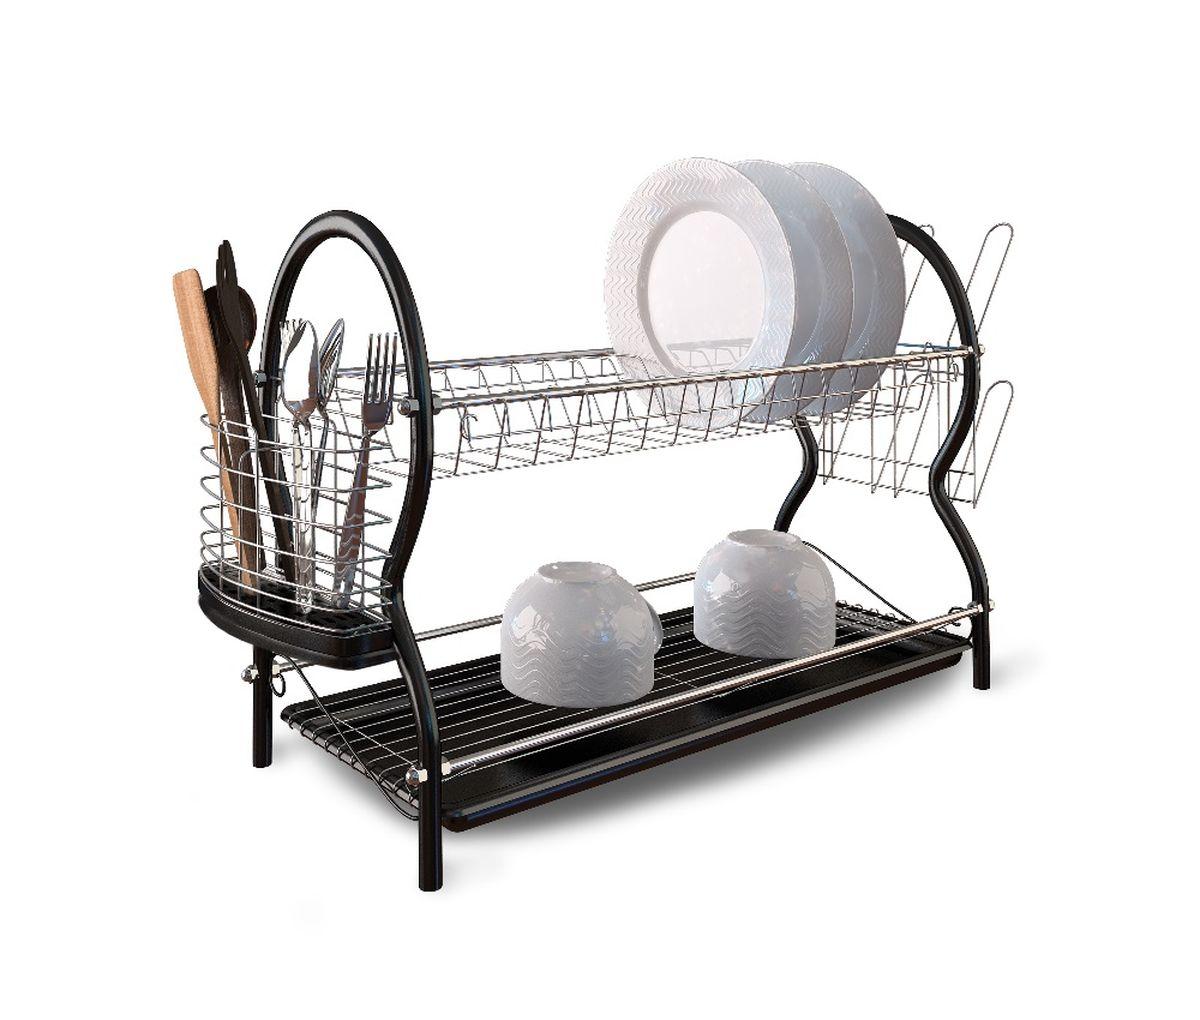 Сушилка для посуды Walmer, двухъярусная, с поддоном, 55,5 x 23,5 x 38,5 смW14552439Двухъярусная сушилка Walmer, изготовленная из стали, представляет собой решетку с ячейками для посуды и держателями для стаканов и столовых приборов. Изделие оснащено пластиковым поддоном для стекания воды. Сушилка не займет много места на вашей кухне. Вы сможете разместить на ней большое количество предметов. Компактные размеры и оригинальный дизайн выделяют эту сушилку из ряда подобных.Размер сушилки: 55,5 x 23,5 x 38,5 см.